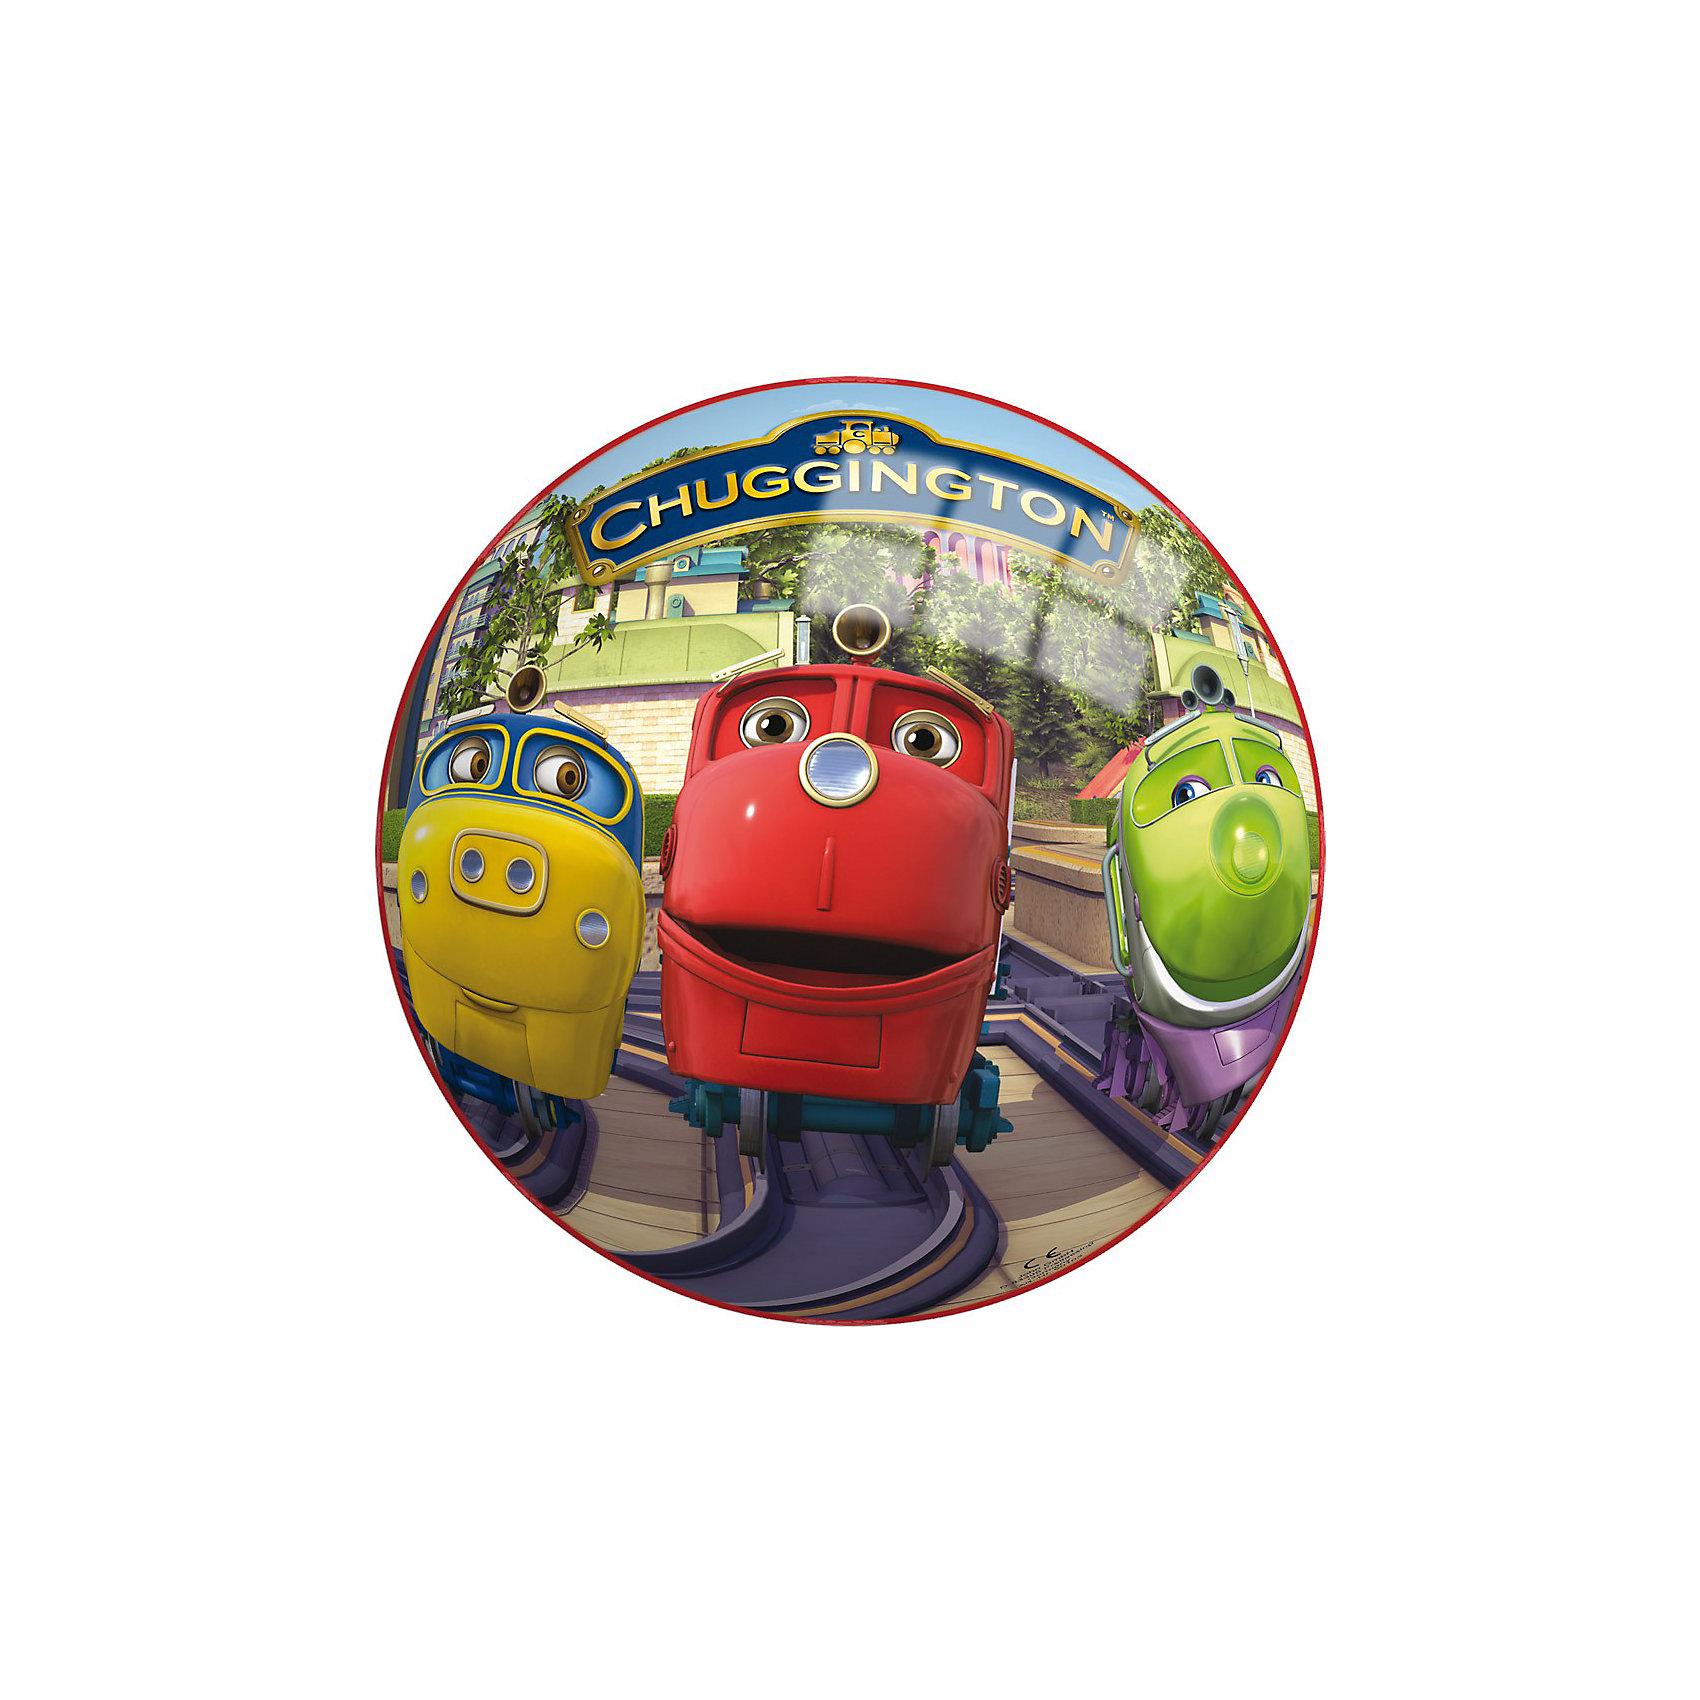 Мяч Чаггингтон, 230 мм, JOHNМячи детские<br>Мяч Чаггингтон, 230 мм, JOHN (ДЖОН) – это легкий яркий мяч, высоко отскакивает от пола мяч.<br>Яркий, высоко прыгающий мяч с изображением знаменитых веселых паровозиков из Чаггингтона понравится малышу. Мячик подойдет для игры дома, во дворе, на даче и на природе. Он выполнен из прочного и совершенного безопасного материала, который выдерживает воздействие влаги и имеет прочную структуру. Игра в мяч способствует развитию мелкой моторики, ловкости рук, координации движения.<br><br>Дополнительная информация:<br><br>- Диаметр: 23 см.<br>- Материал: ПВХ, пластизоль<br><br>Мяч Чаггингтон, 230 мм, JOHN (ДЖОН) можно купить в нашем интернет-магазине.<br><br>Ширина мм: 230<br>Глубина мм: 230<br>Высота мм: 230<br>Вес г: 140<br>Возраст от месяцев: 36<br>Возраст до месяцев: 72<br>Пол: Унисекс<br>Возраст: Детский<br>SKU: 2246046